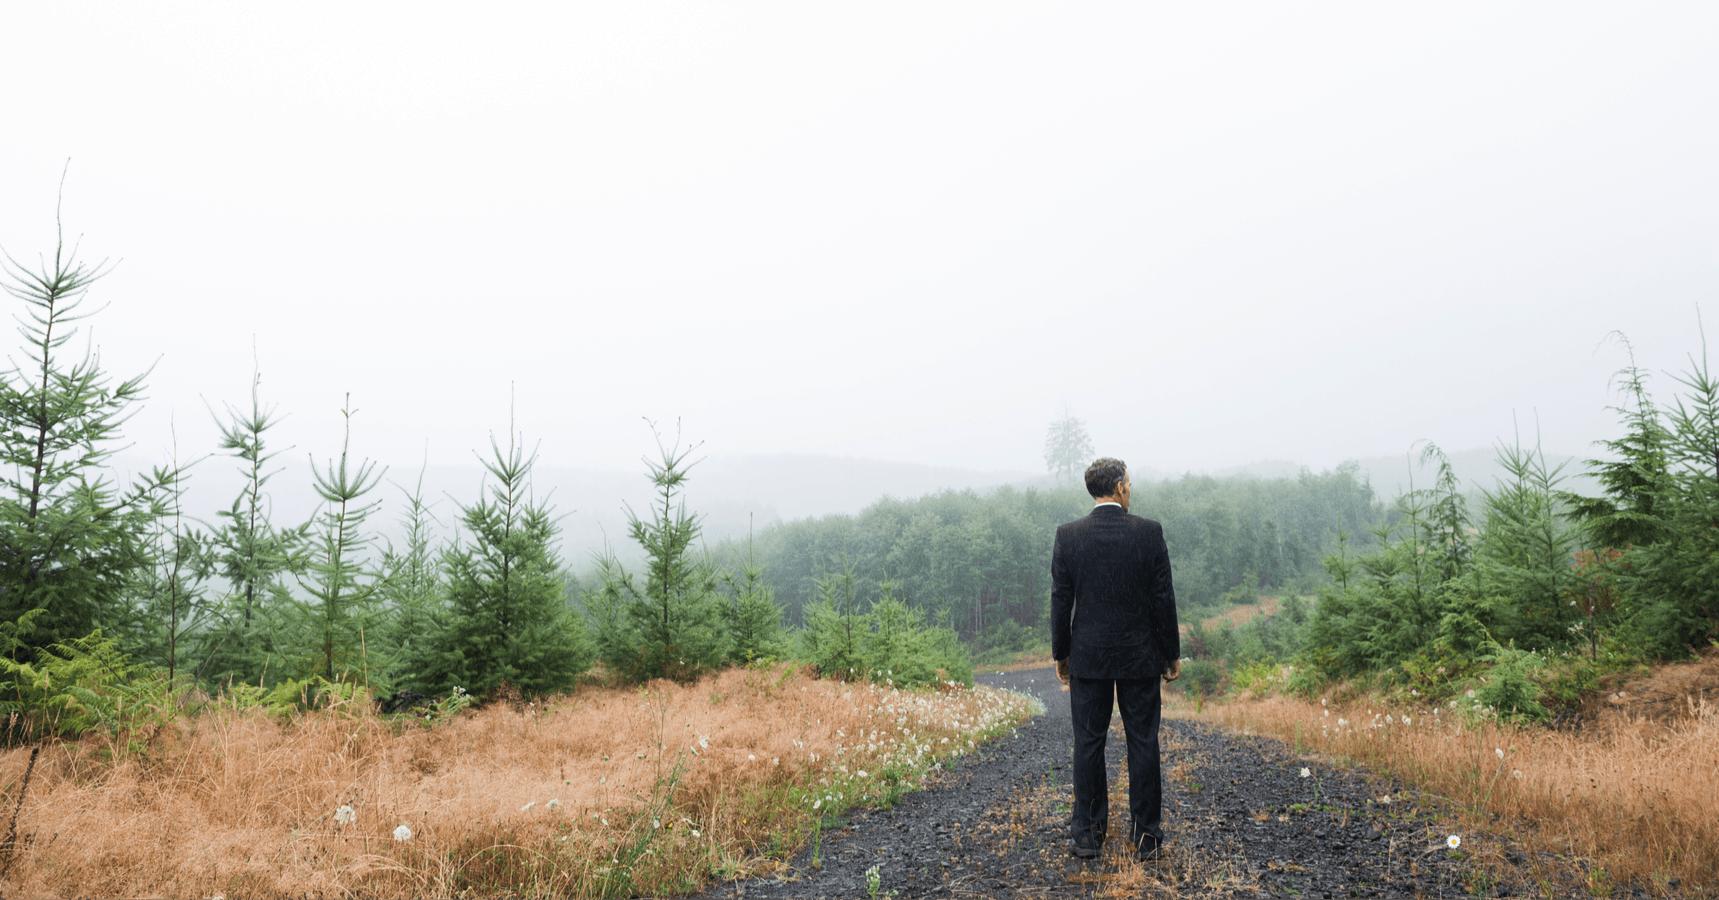 Mann im Anzug steht im Wald Lichtung